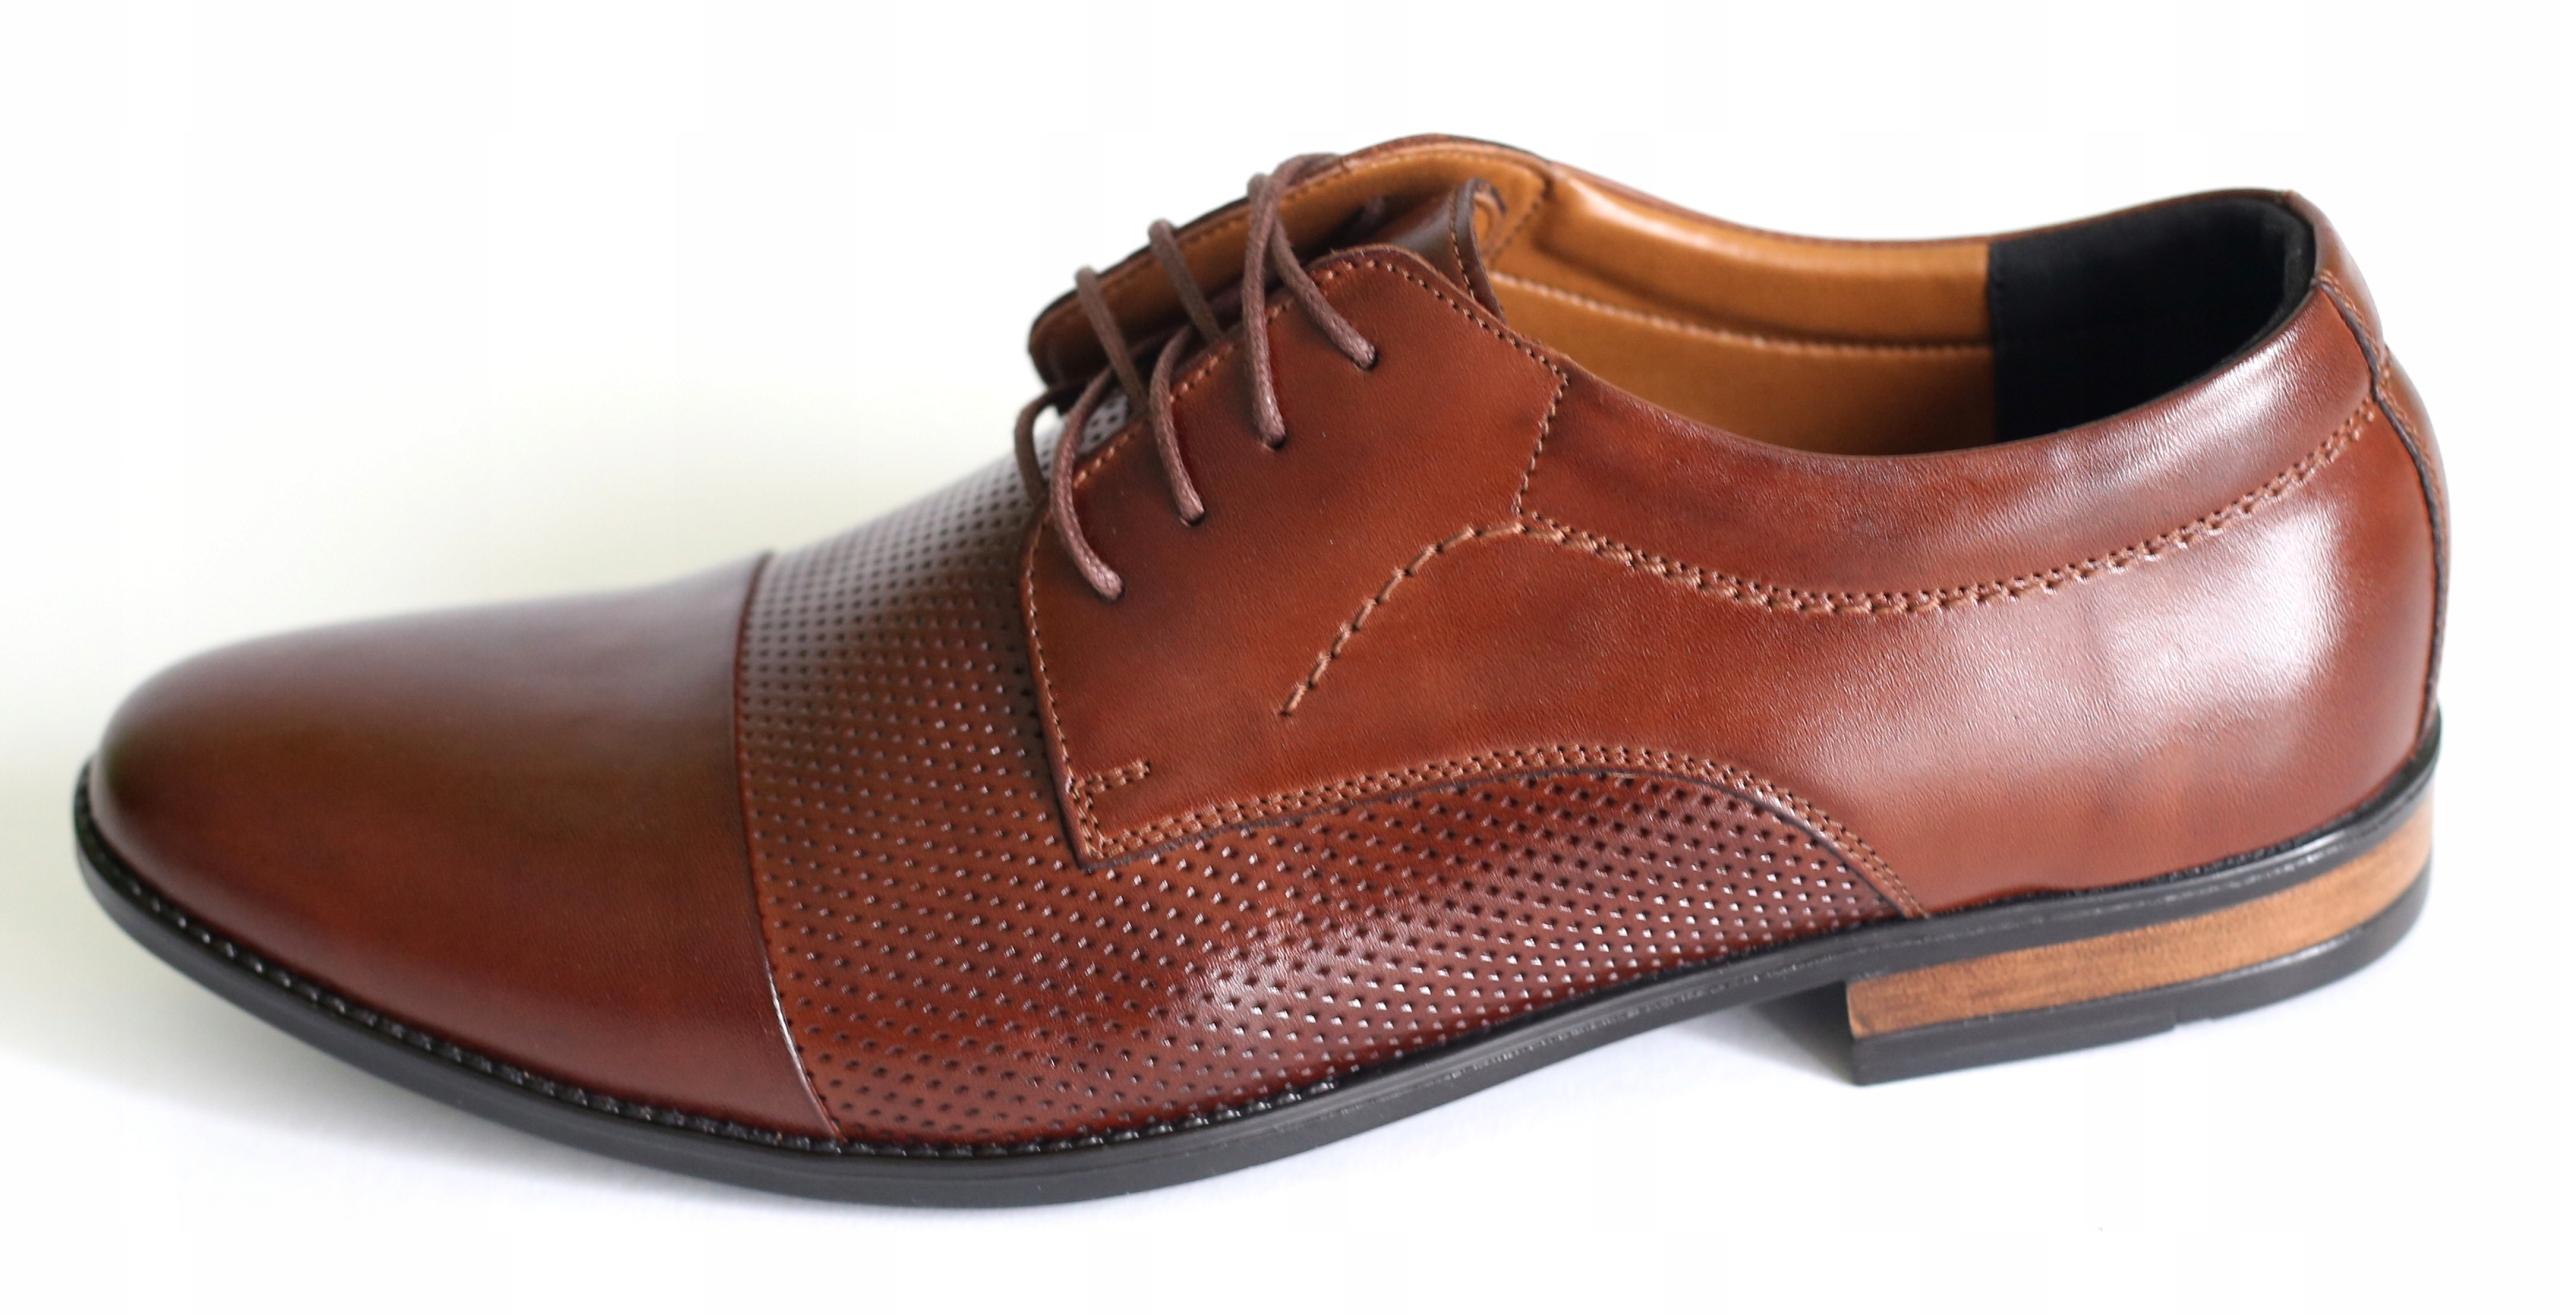 Skórzane obuwie wizytowe brązowe buty 323 BAf